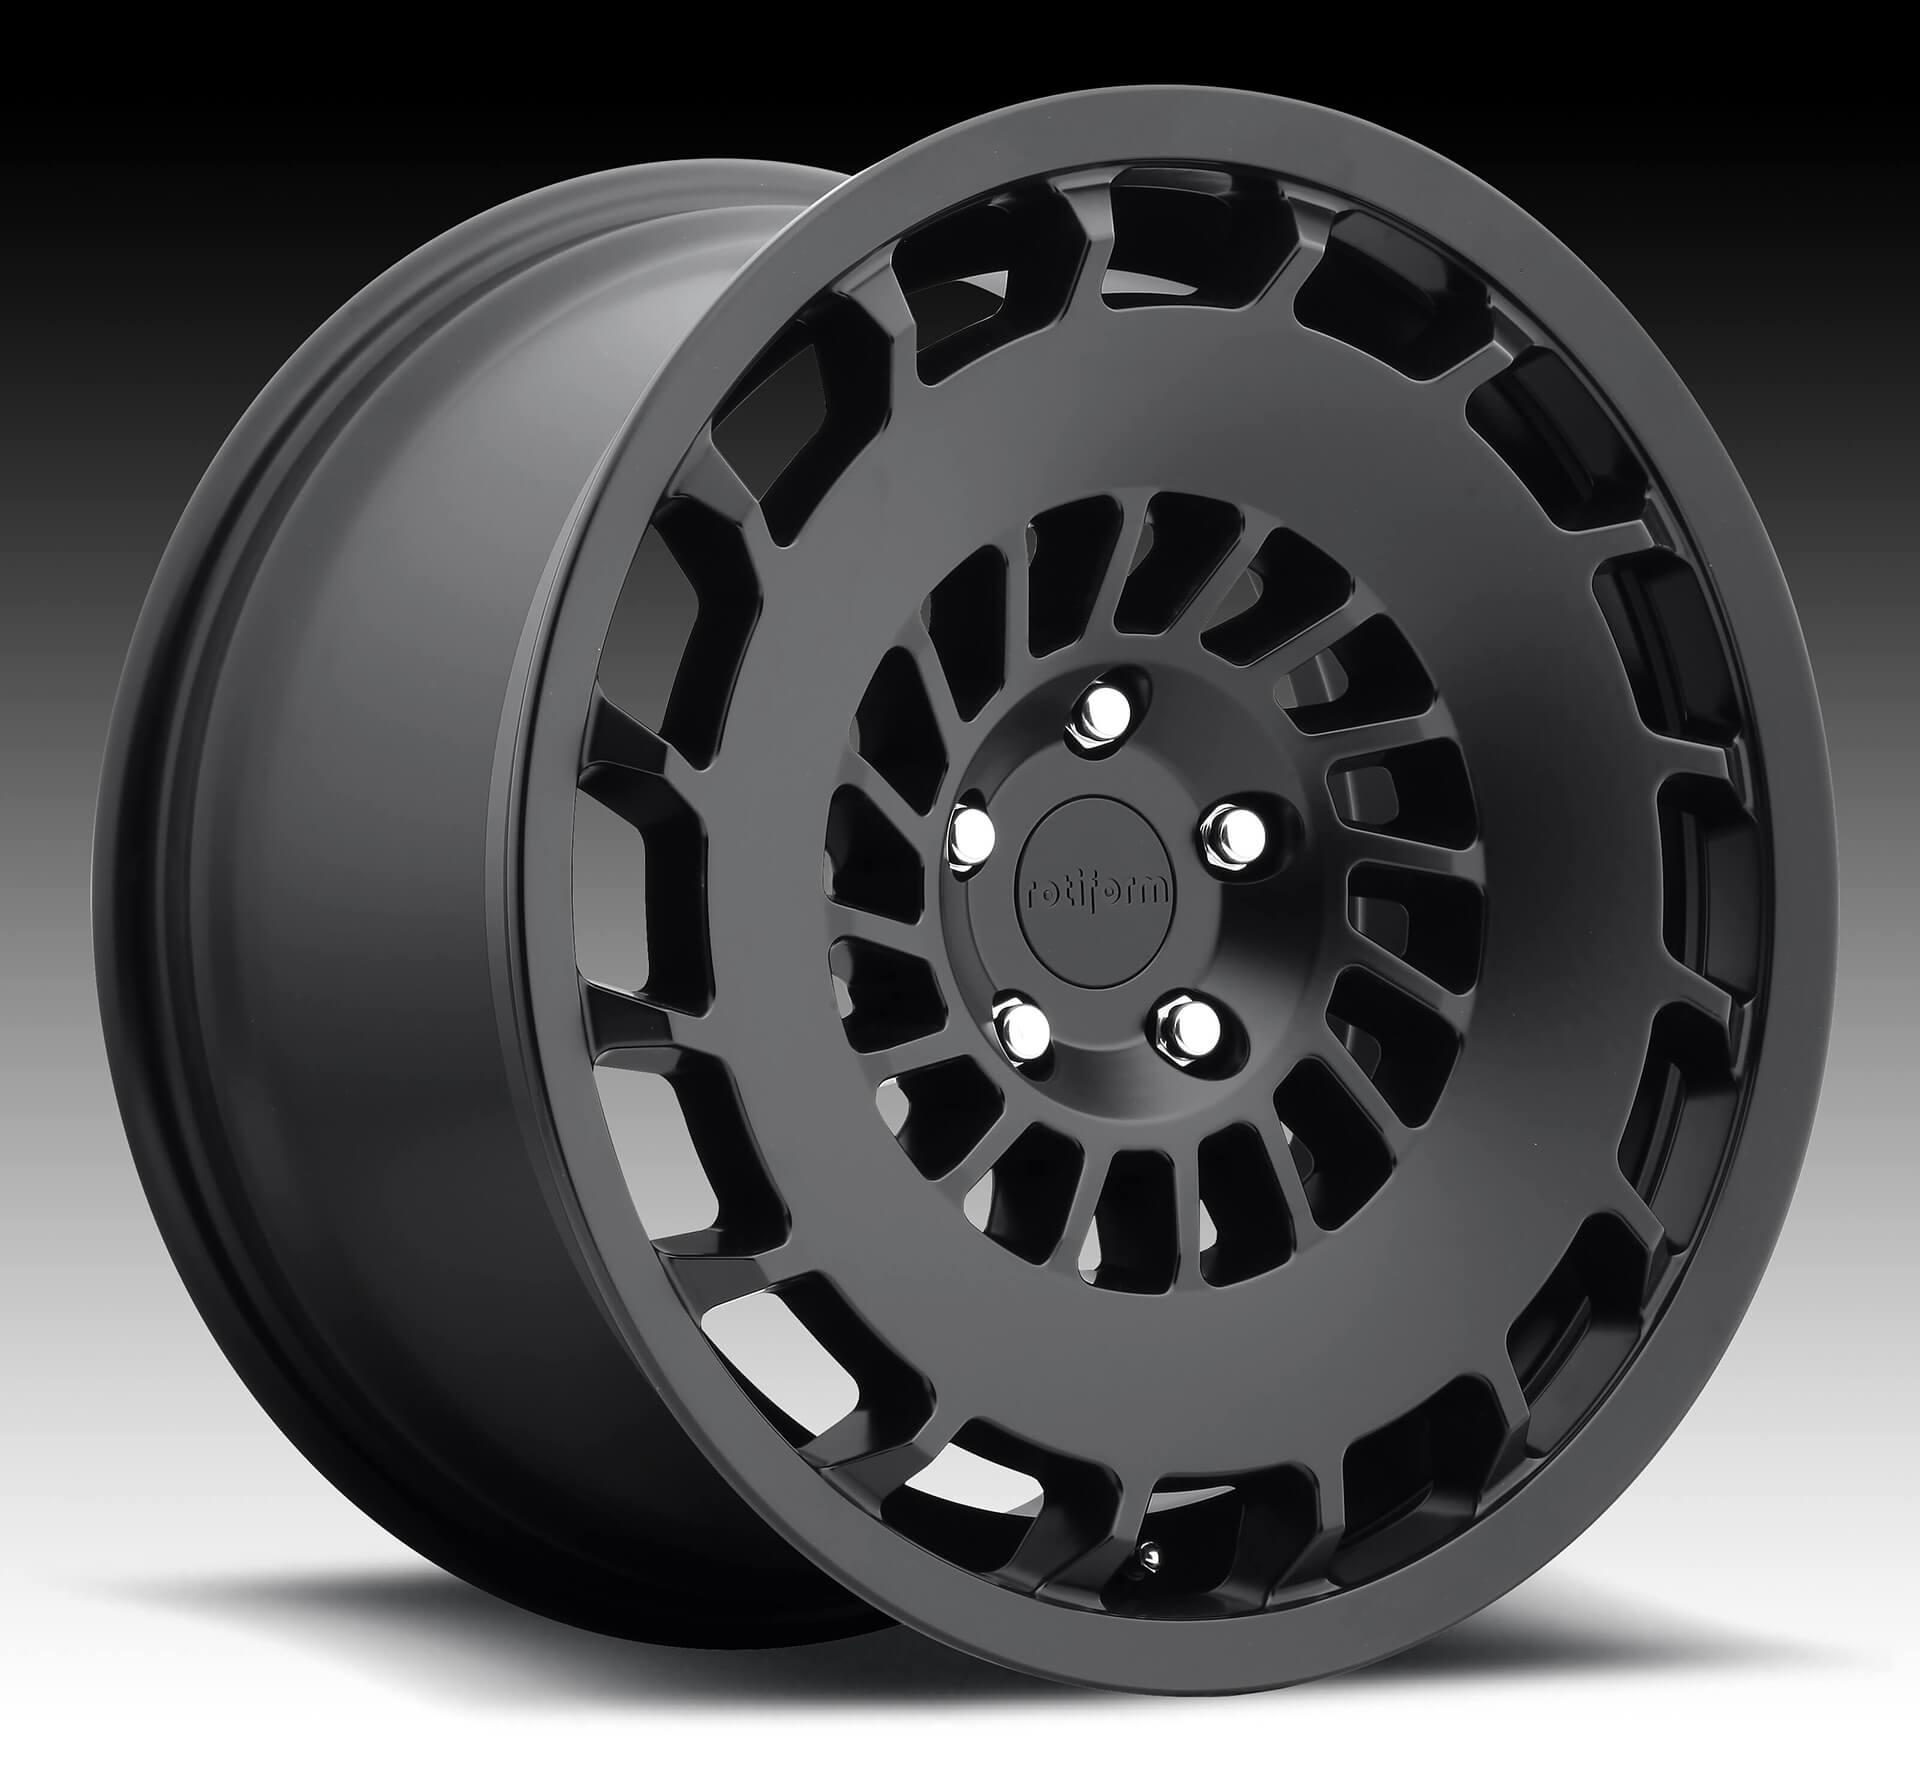 Rotiform Cast Wheel - CCV Cast 1 Piece